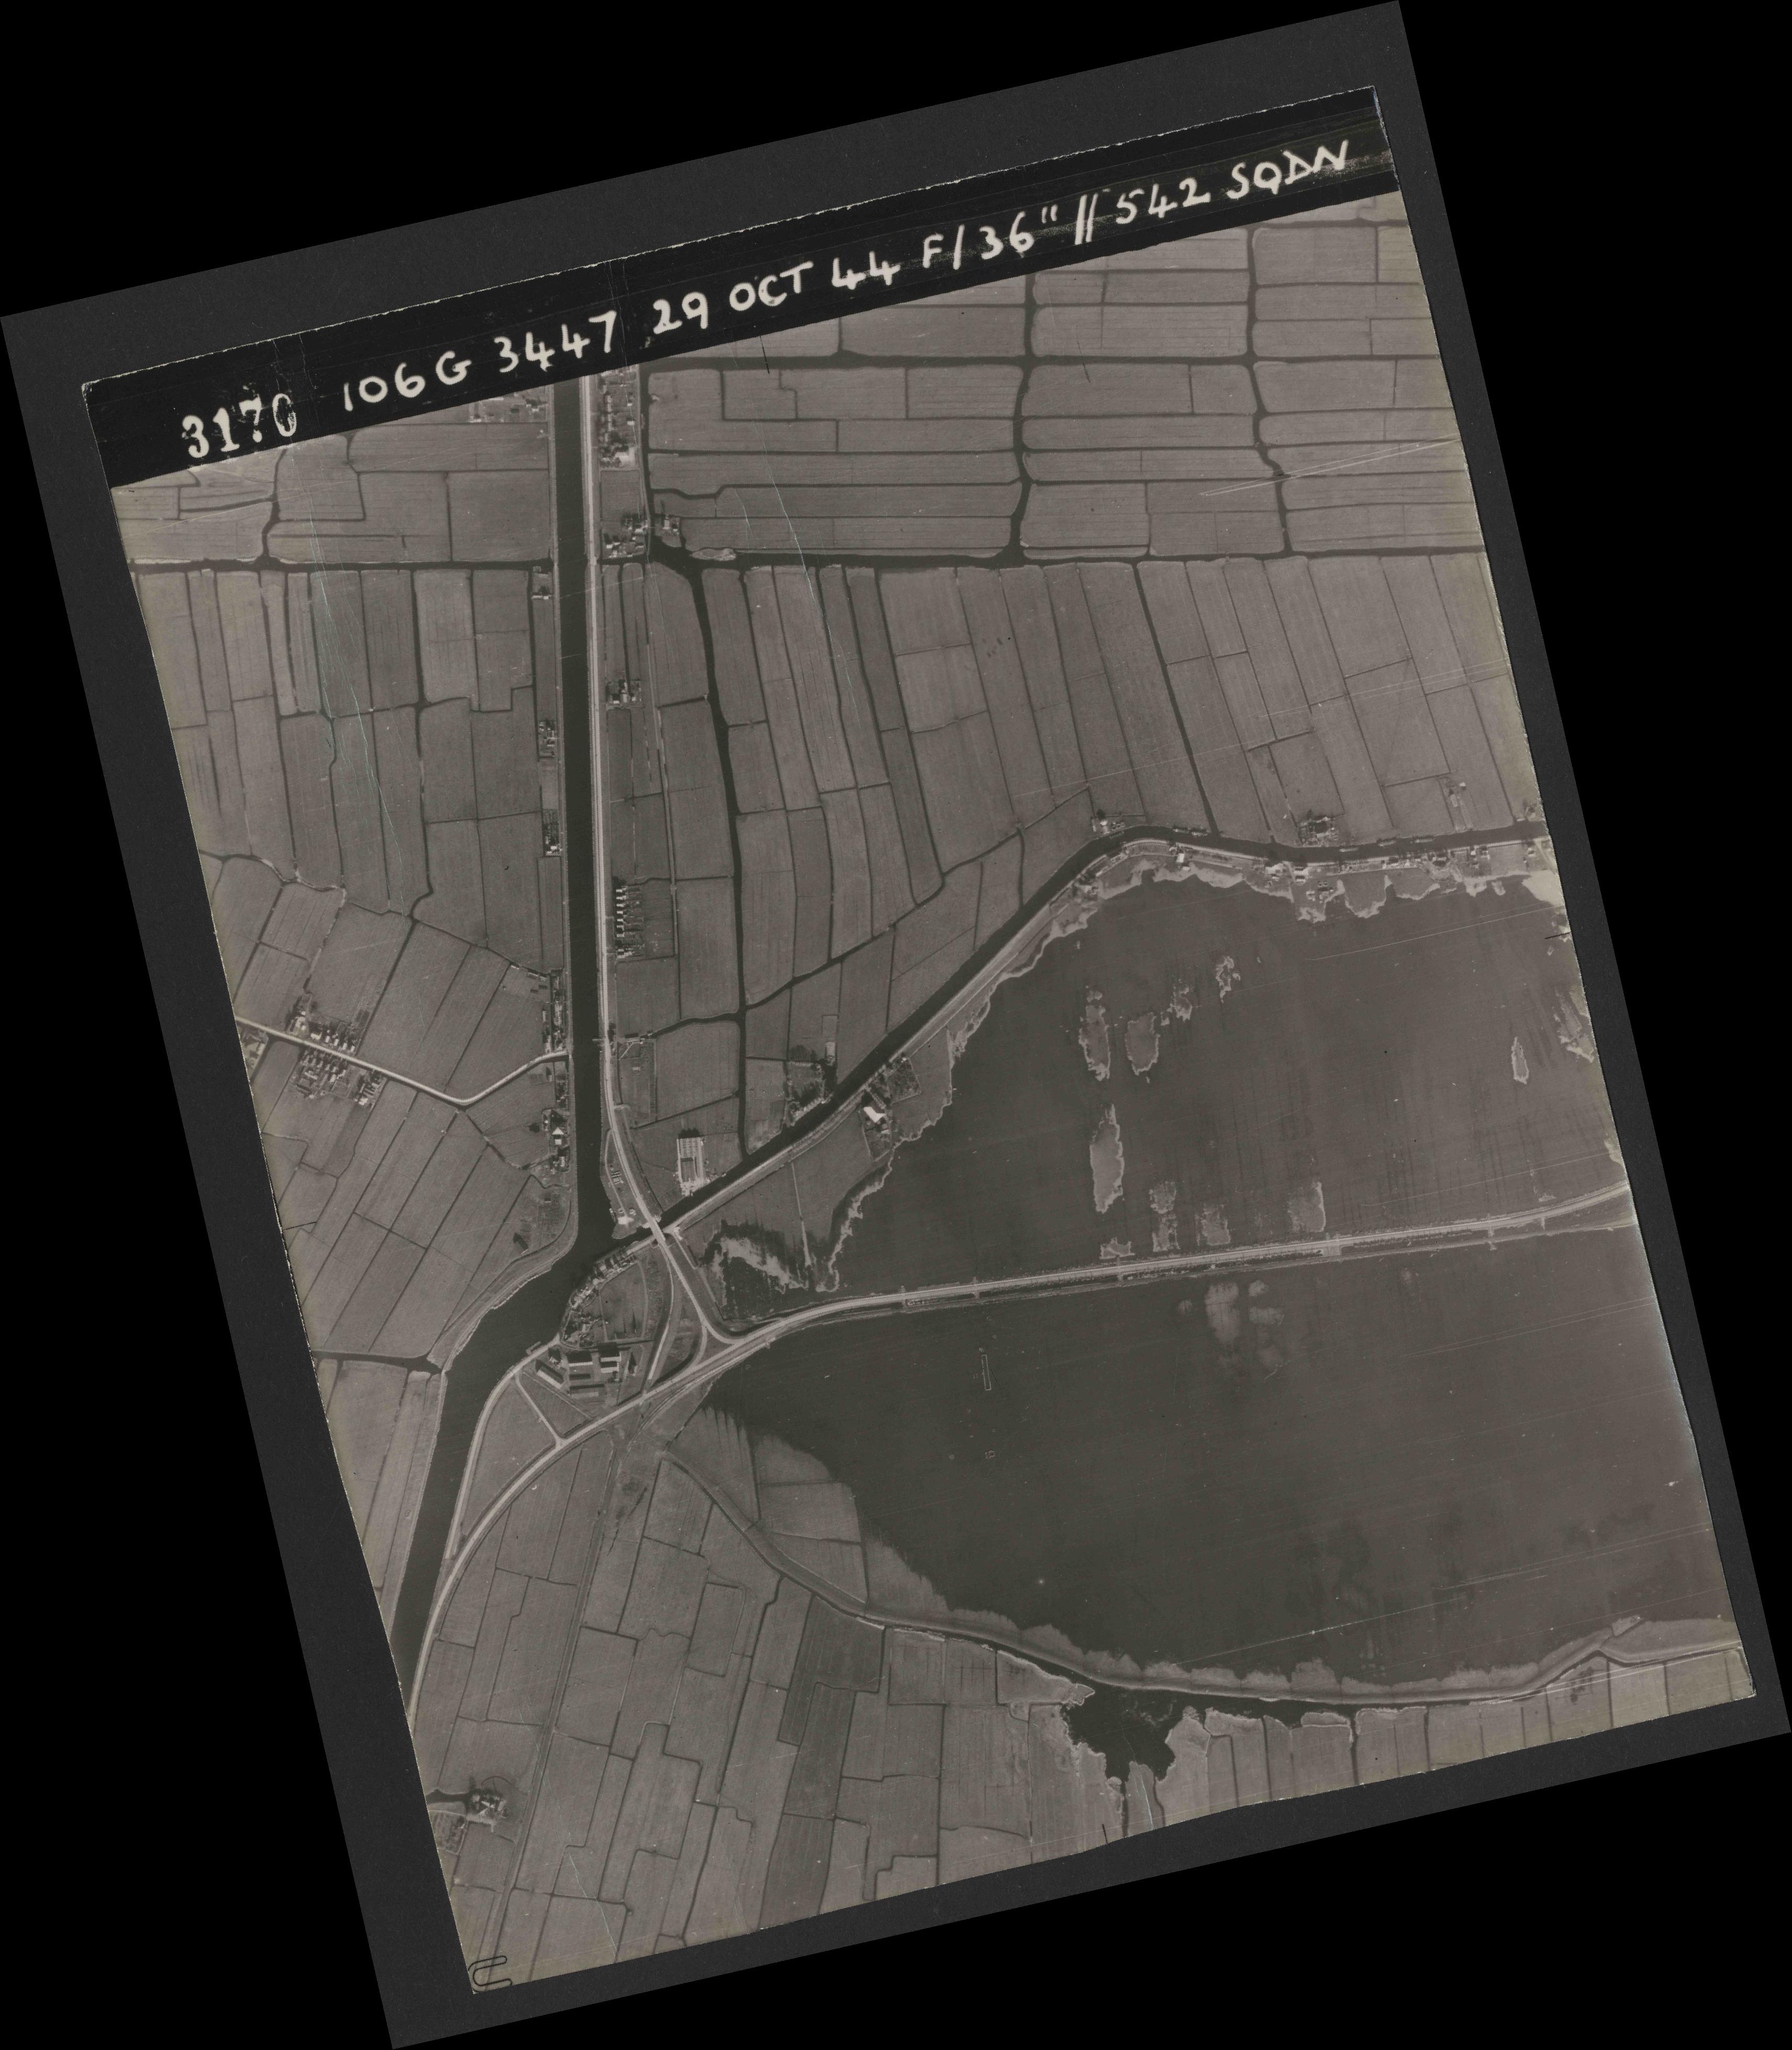 Collection RAF aerial photos 1940-1945 - flight 236, run 05, photo 3170